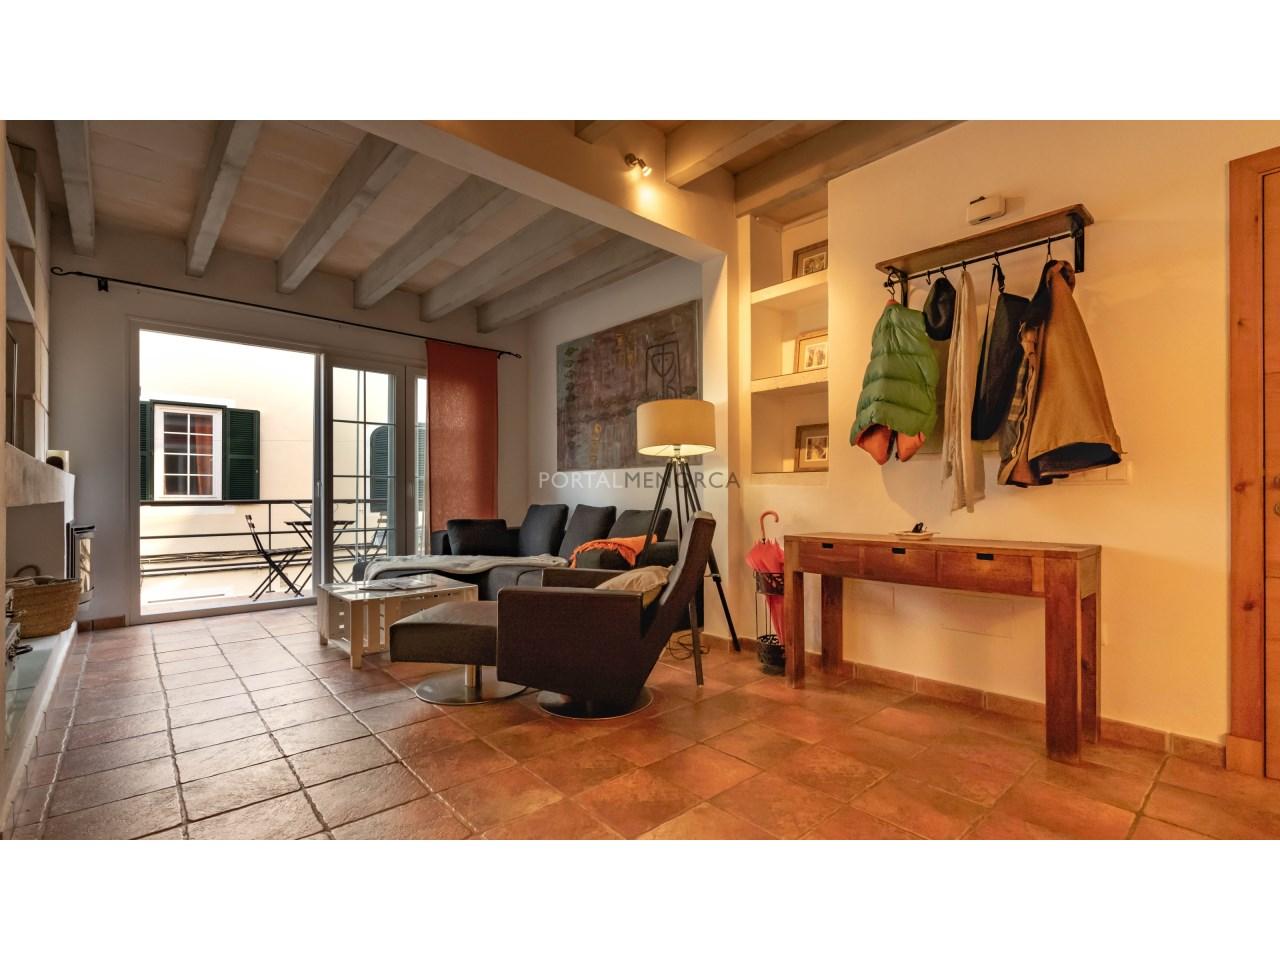 maison-vendre-es-castell-menorca (1)